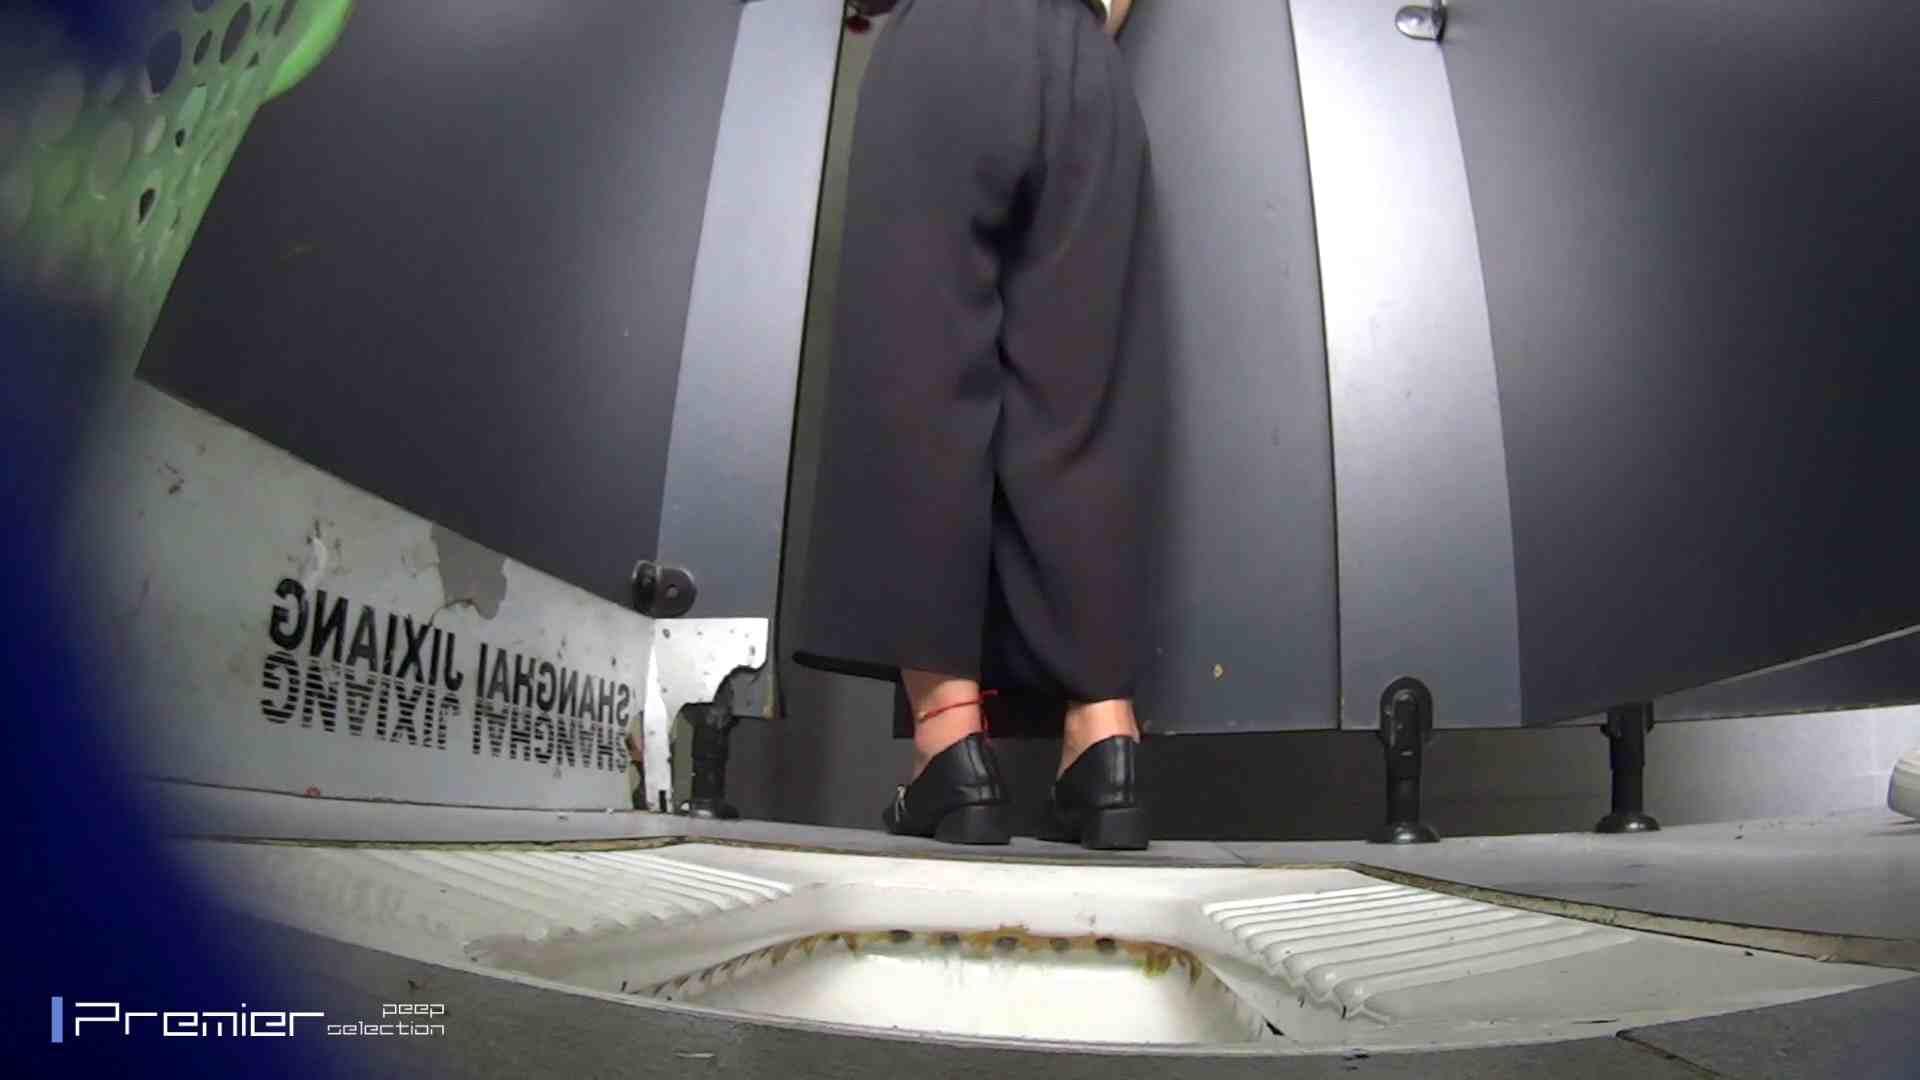 夏全開!ハーフパンツのギャル達 大学休憩時間の洗面所事情44 ギャル攻め 濡れ場動画紹介 105画像 26